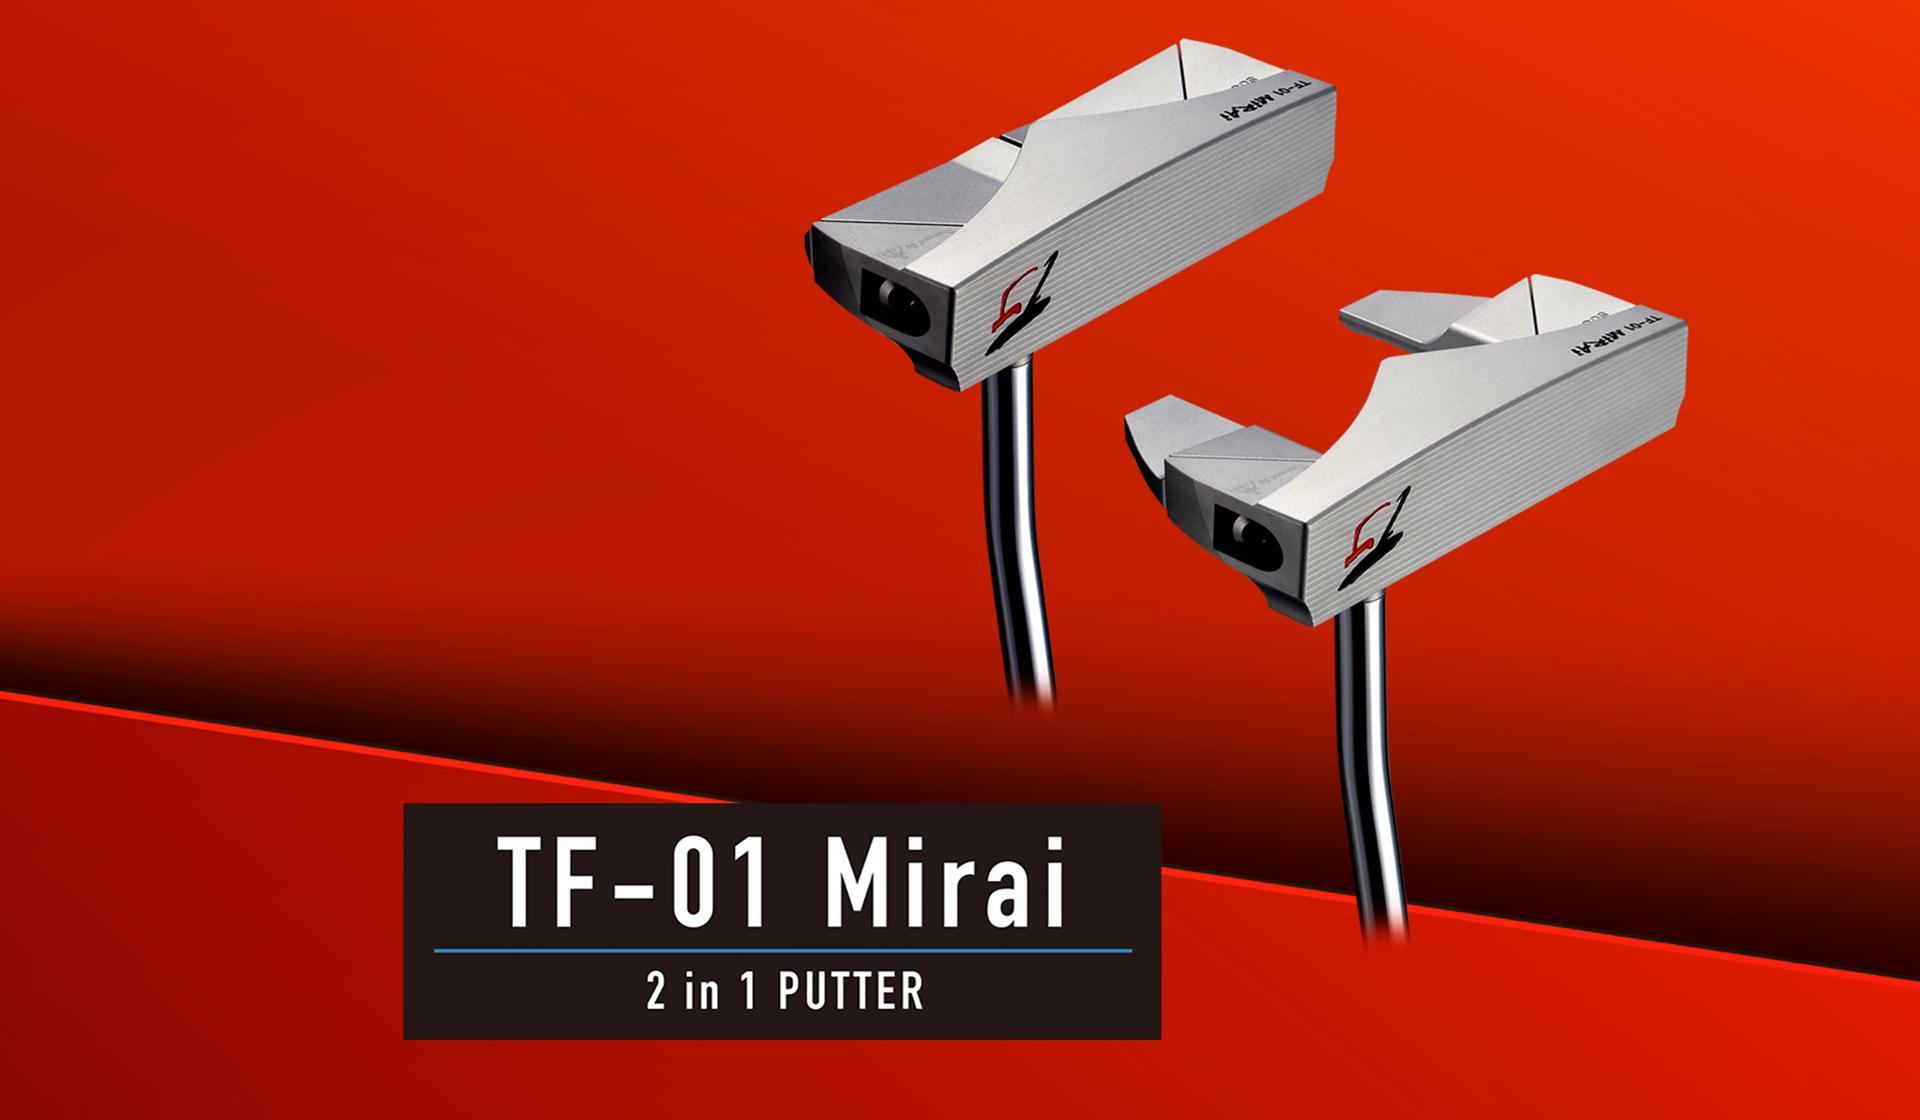 TF-01 Mirai